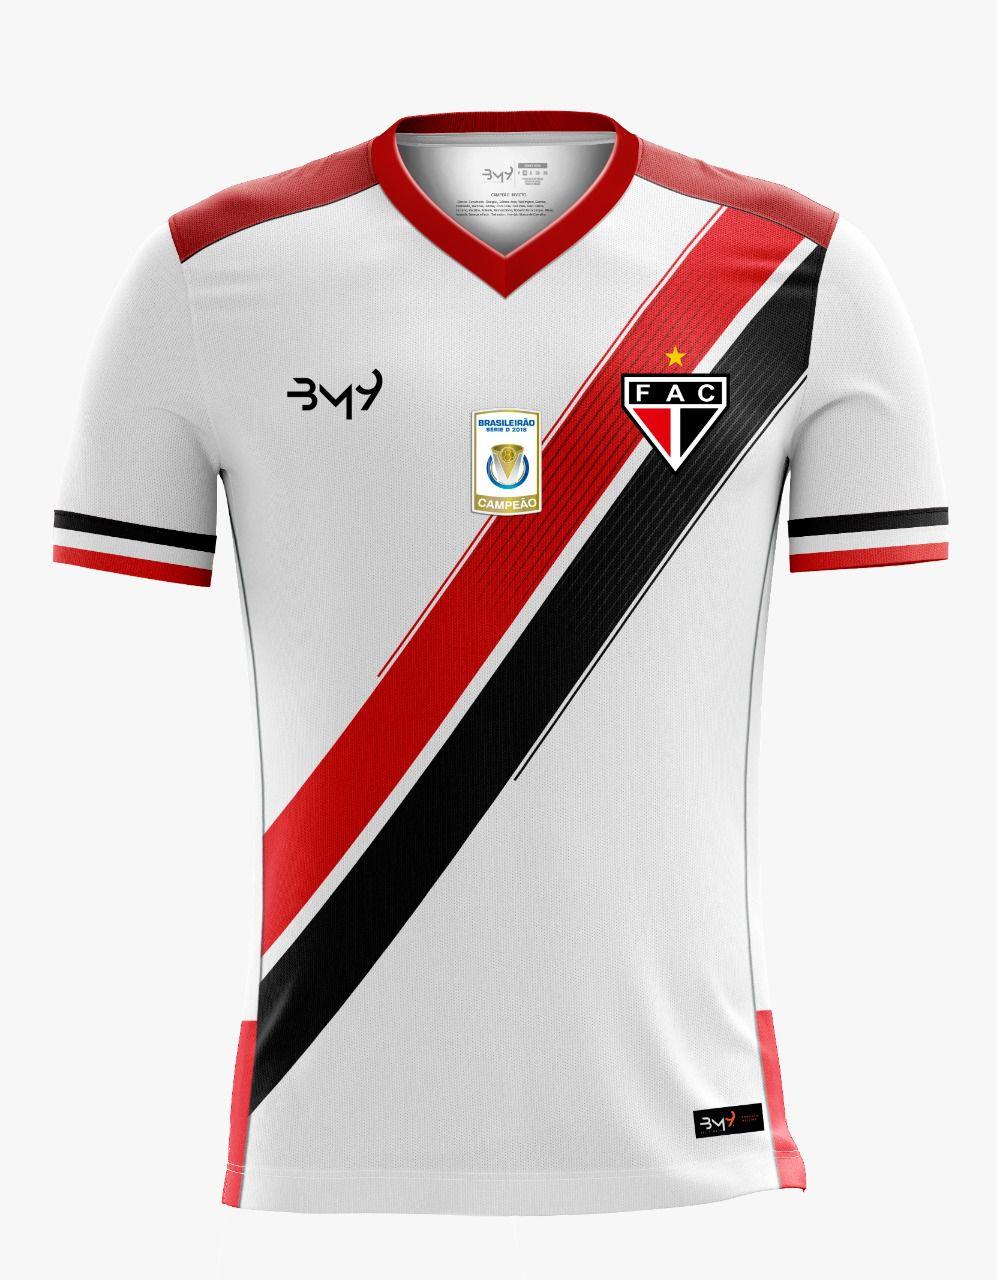 Camisa Uniforme 01 MASCULINA sem  patrocínio REF.1008117  - Ferrão Store